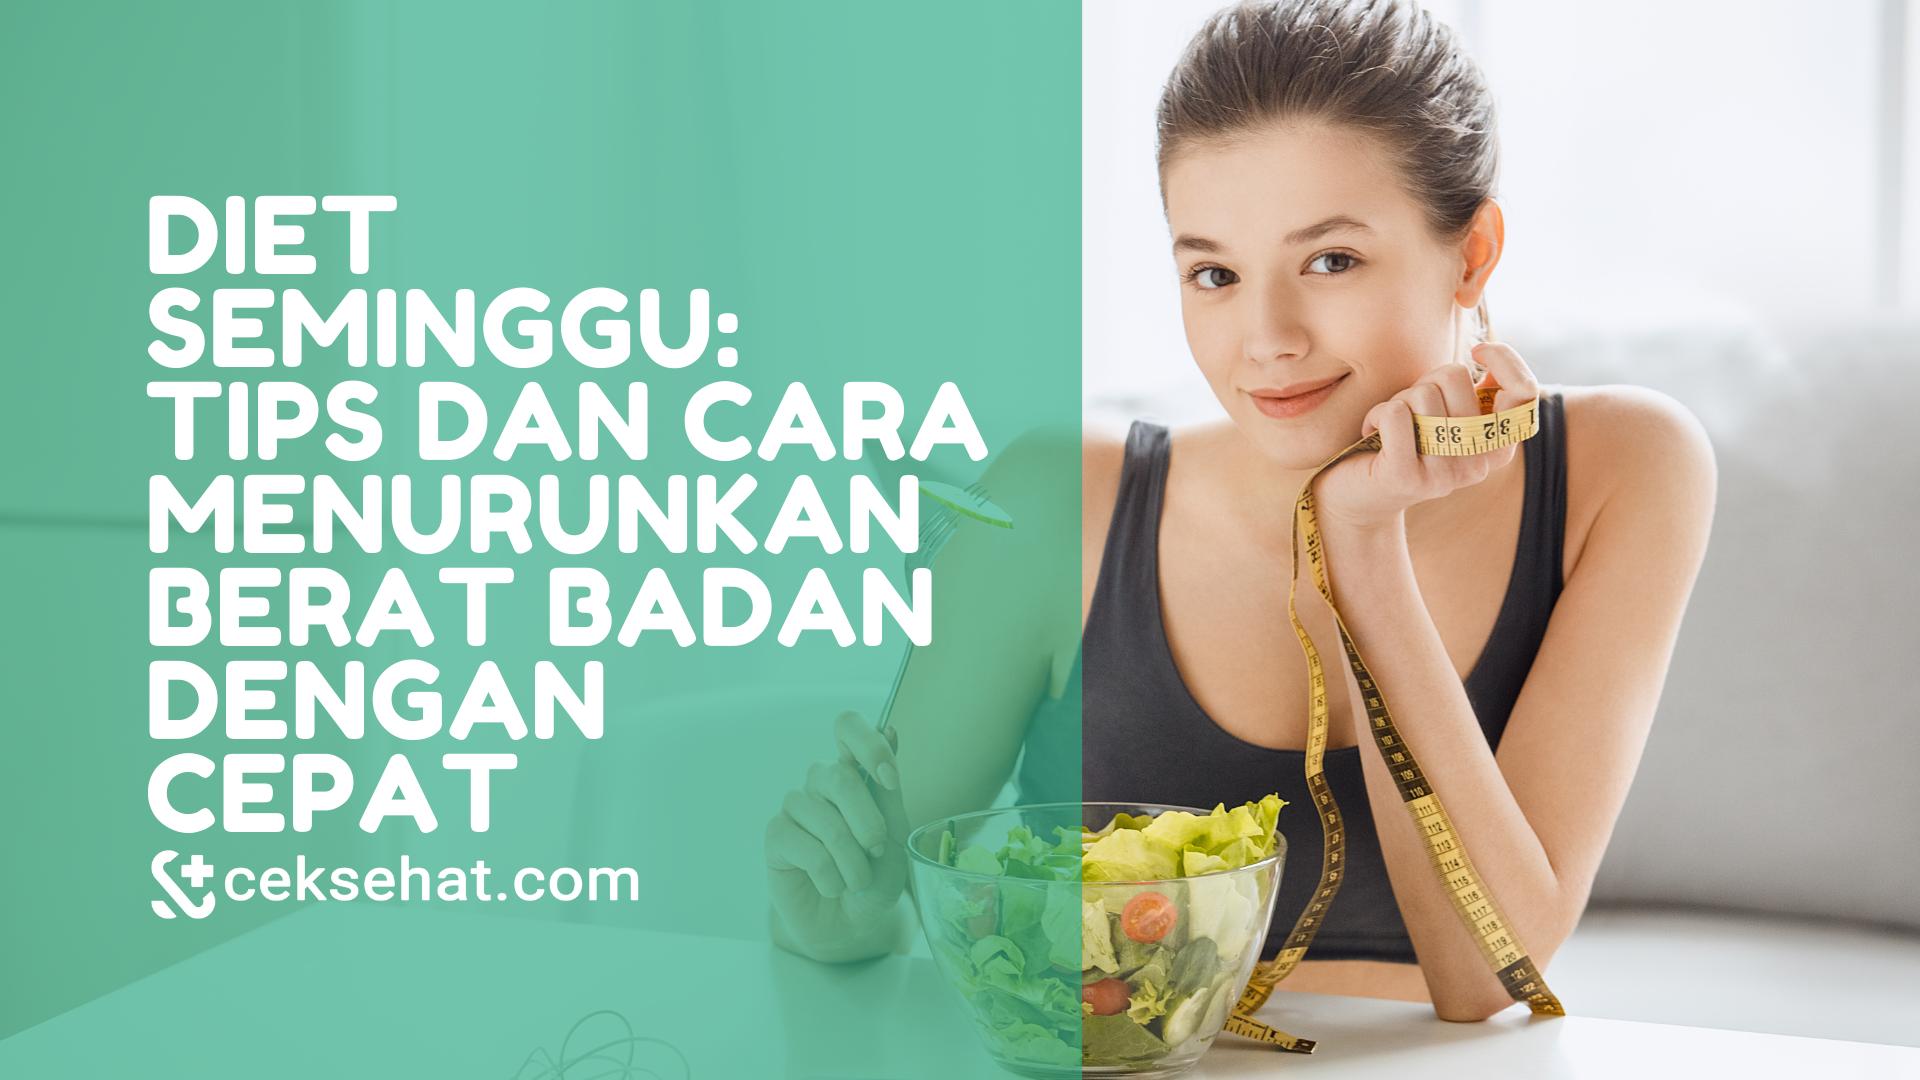 diet-seminggu-tips-dan-cara-menurunkan-berat-badan-dengan-cepat